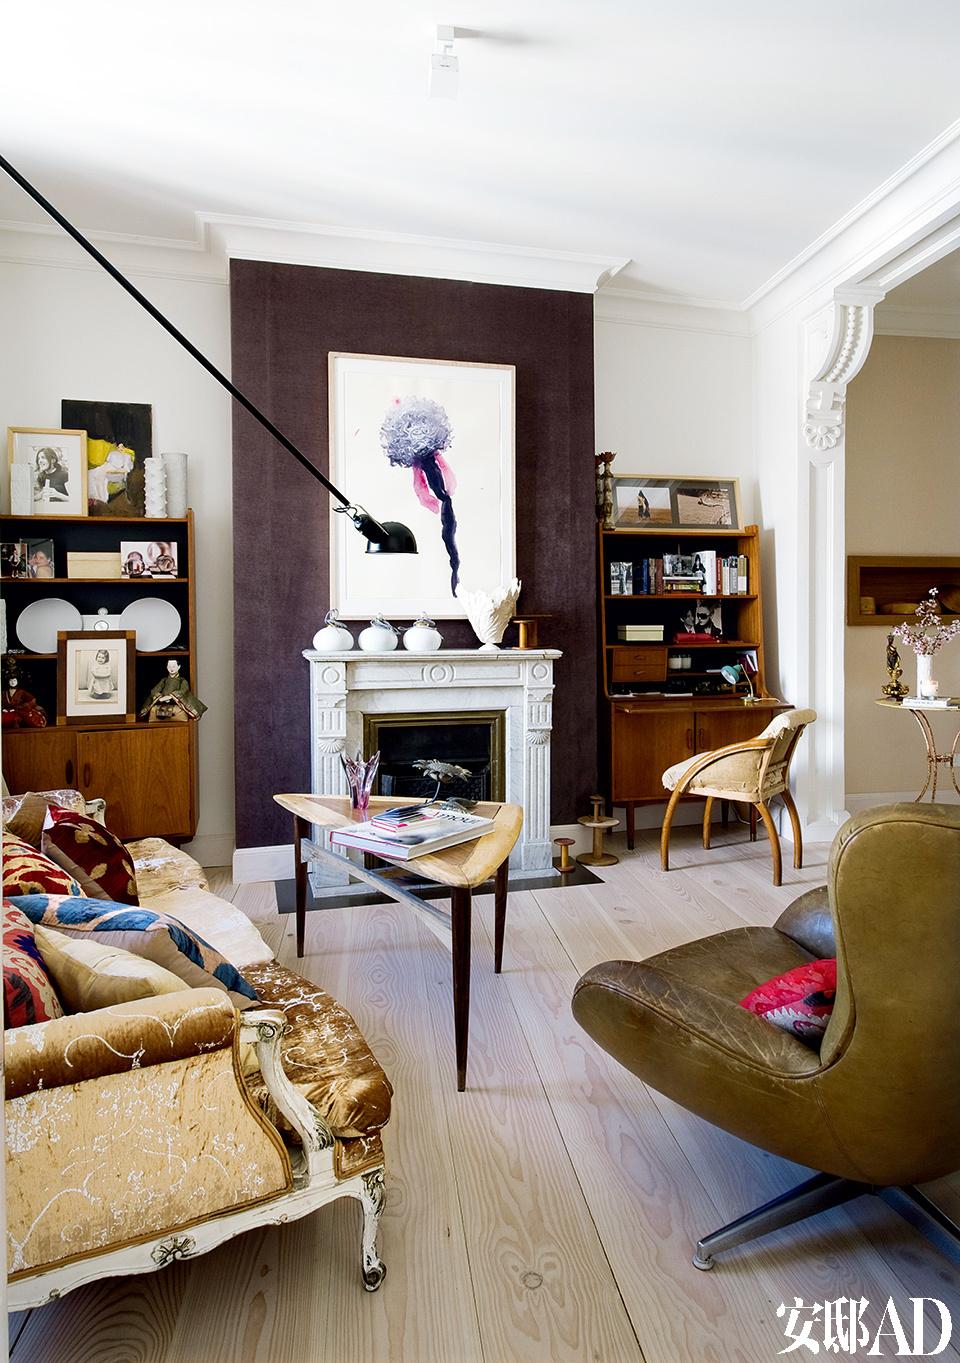 壁炉两侧是在Tiempos Modernos购买的上世纪50年代的丹麦书架;Alessandro Twombly的水彩画则在壁炉上方成为这个区域的视觉重点。两种木料制作的茶几和在Christopher Jones Antiques购买的皮转椅也为这个区域增加了一些设计感。19世纪的古董沙发购买于Blue Bird,265壁灯则来自Flos。